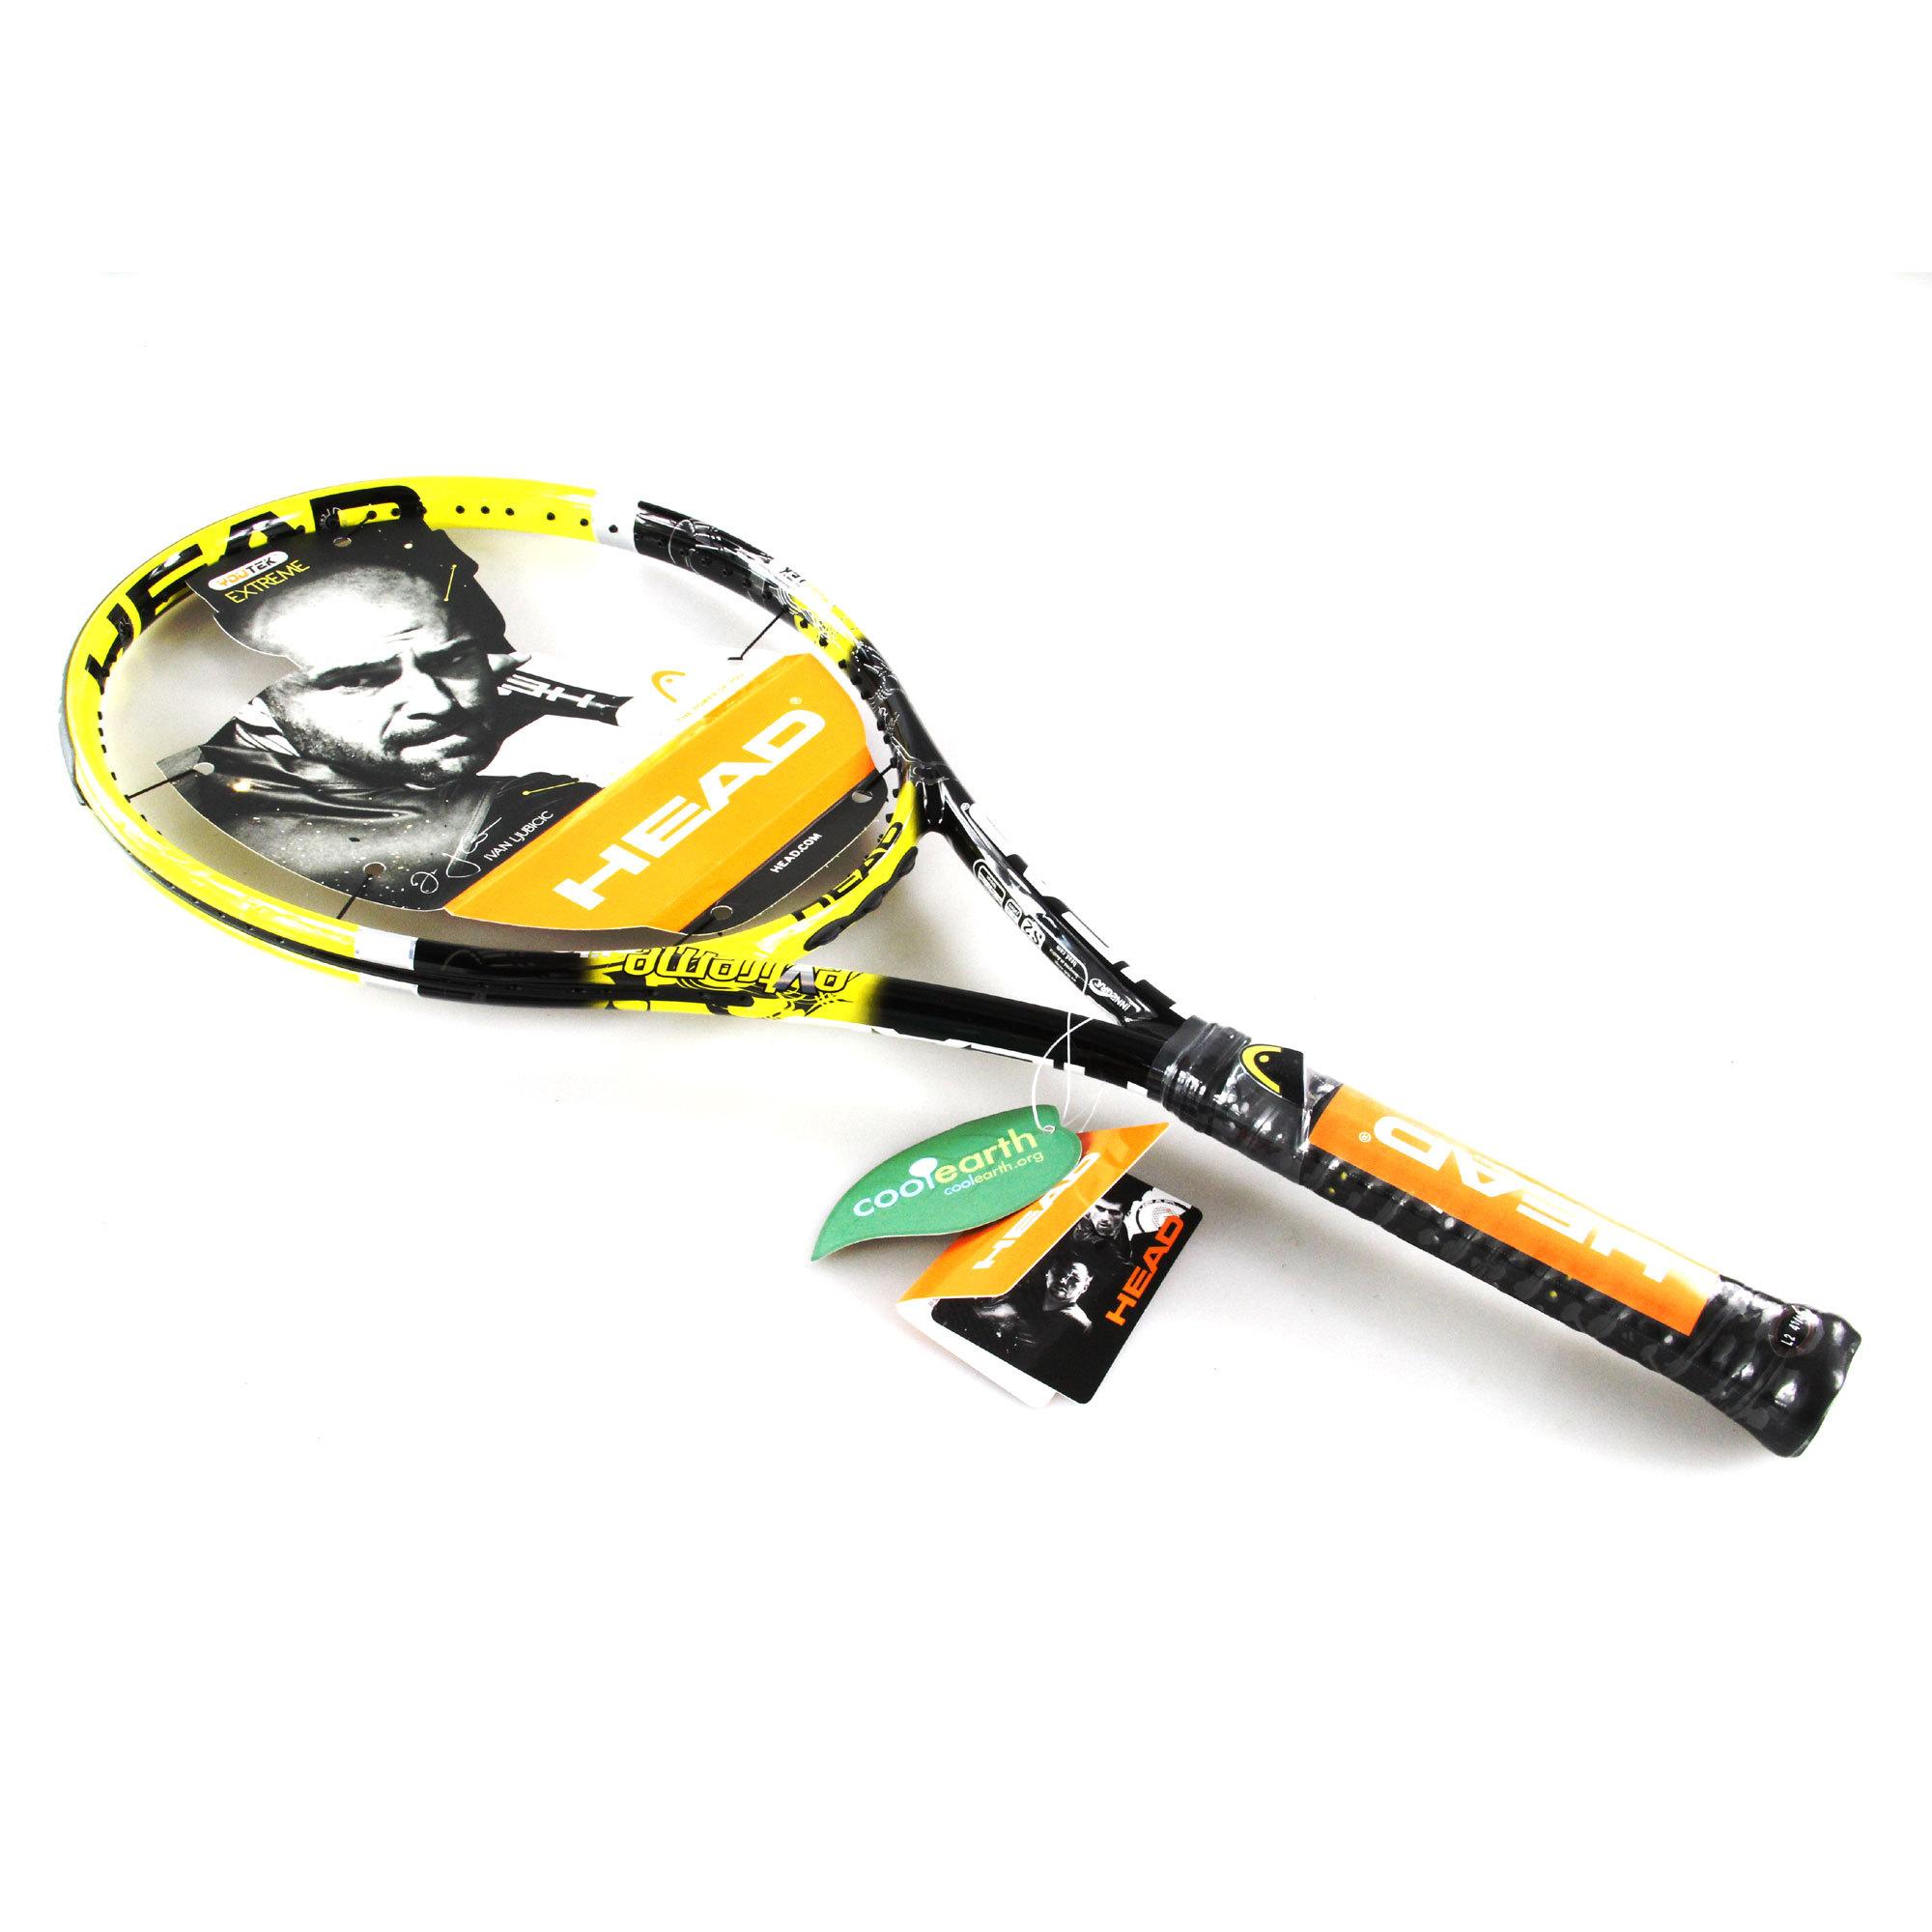 体育娱乐装备 运动健康 2000_2000